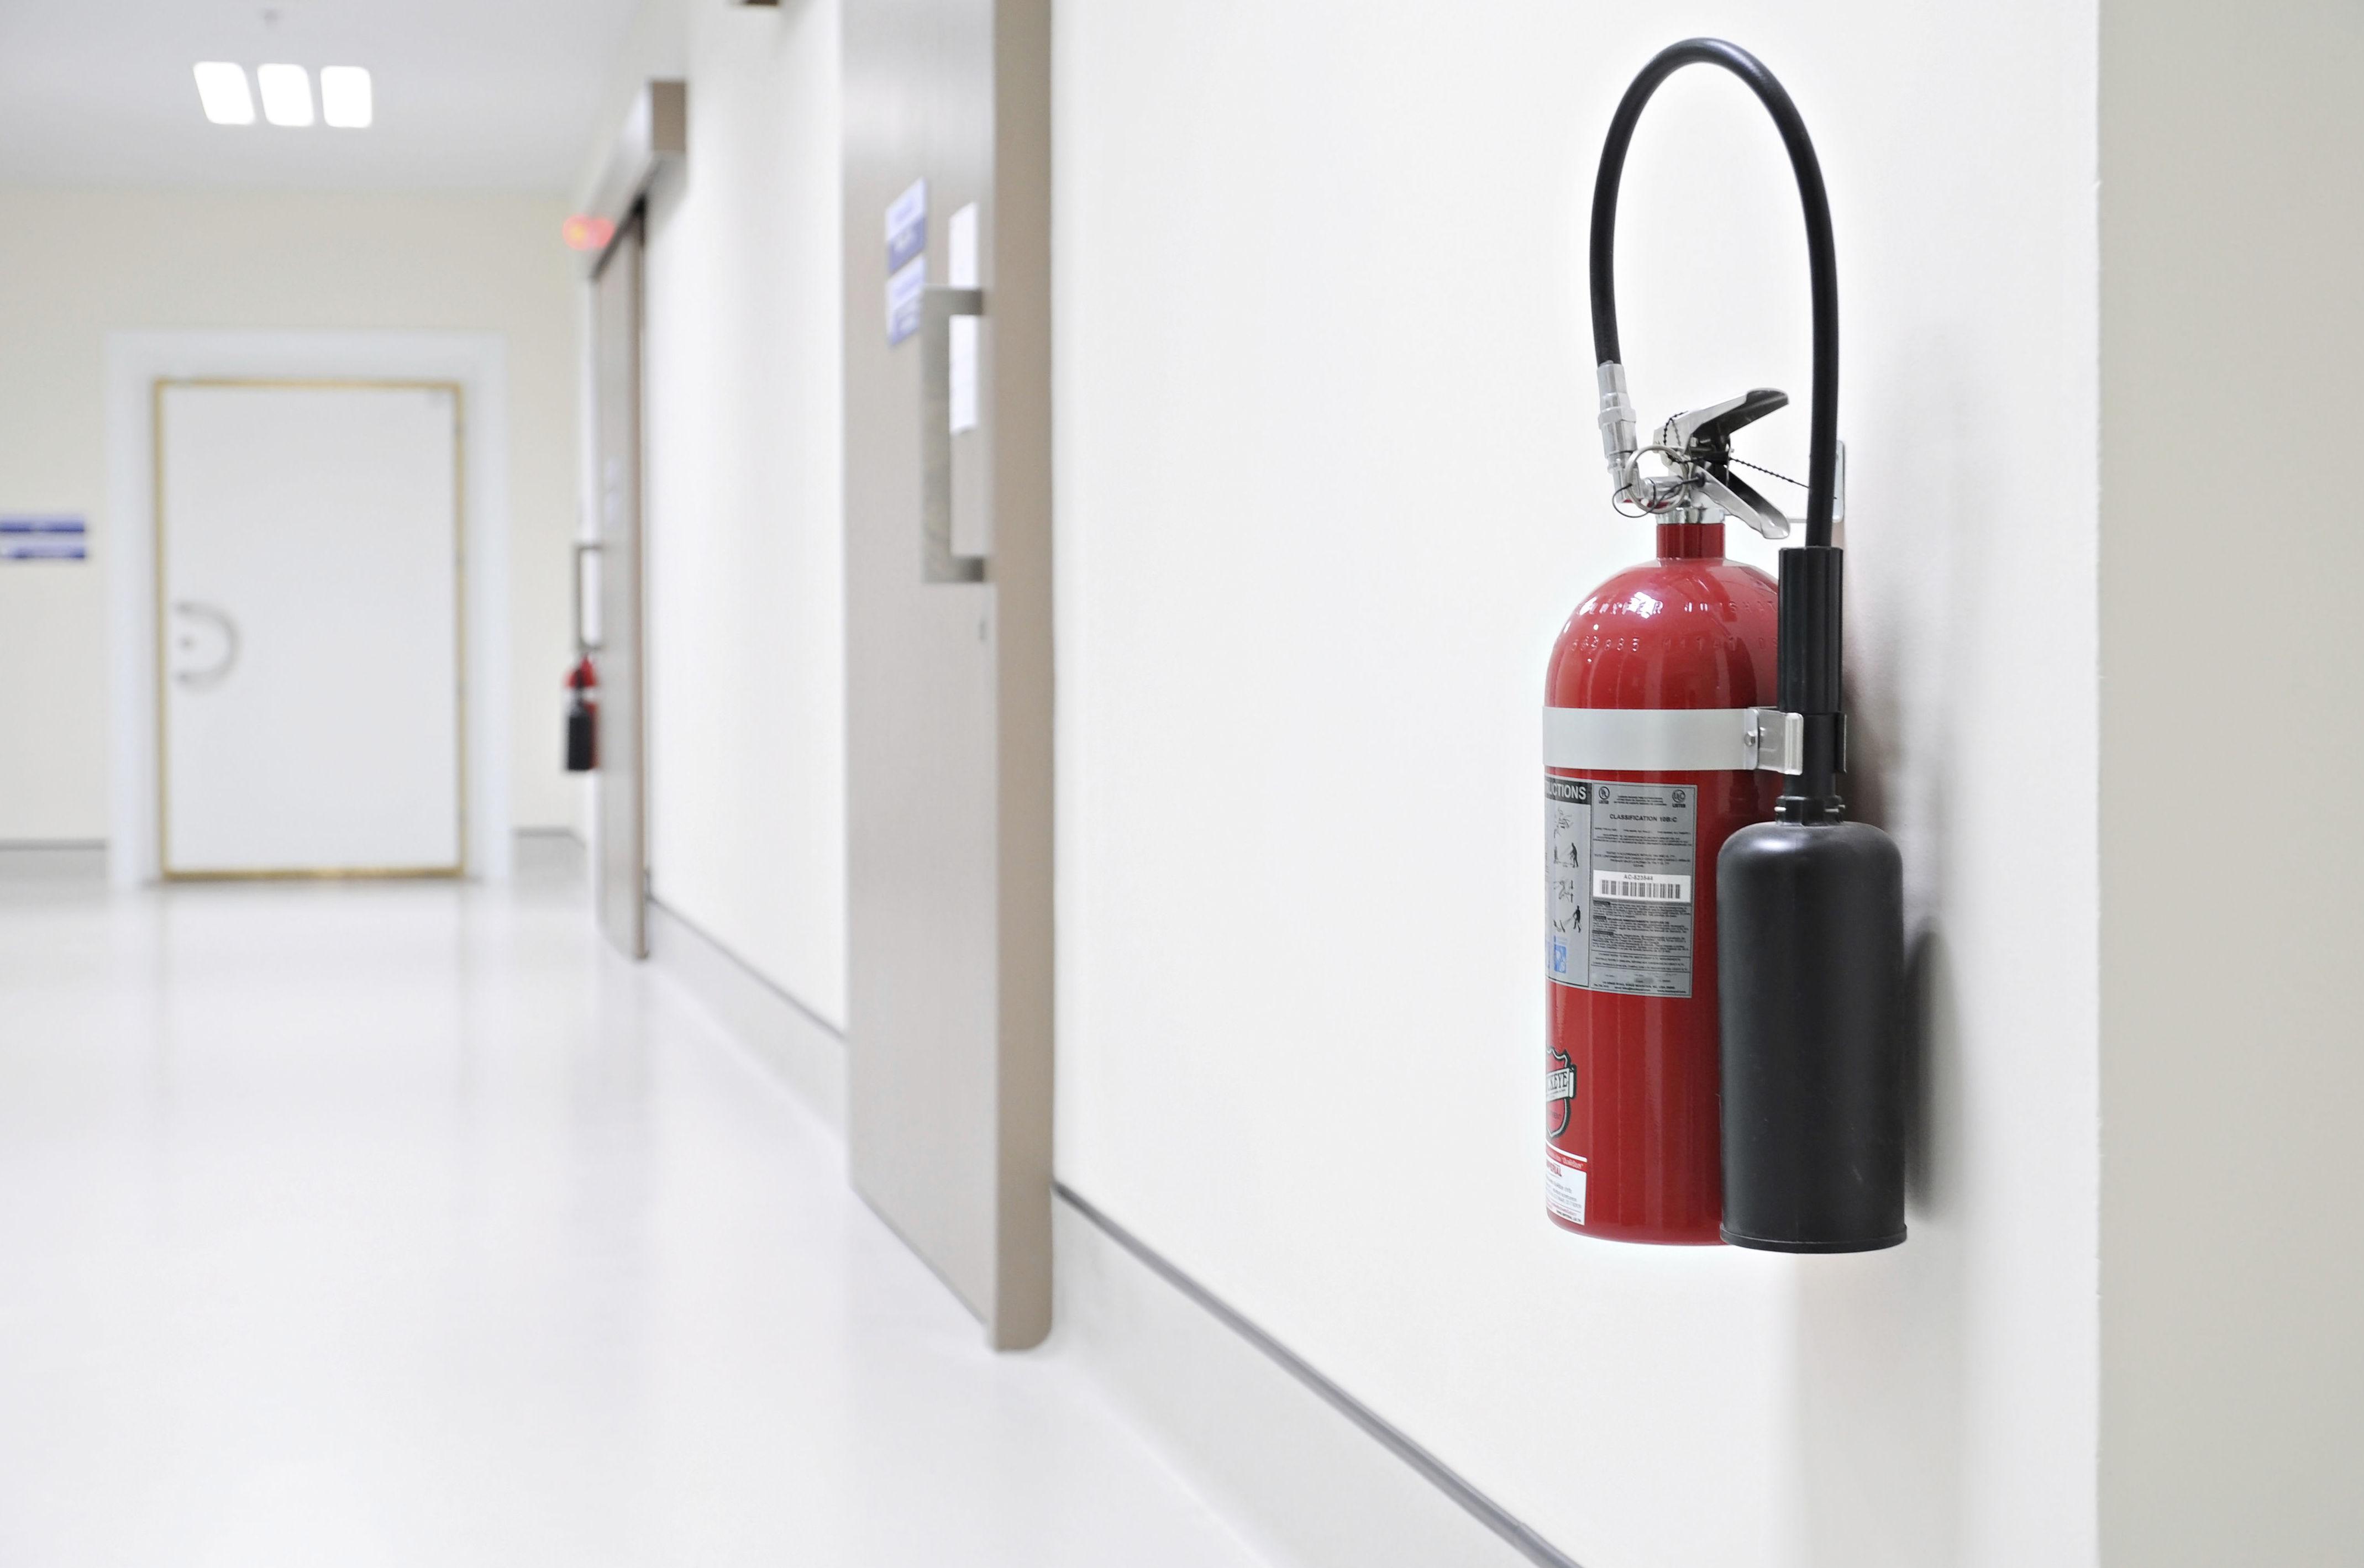 Instalaciones contra incendio en Madrid